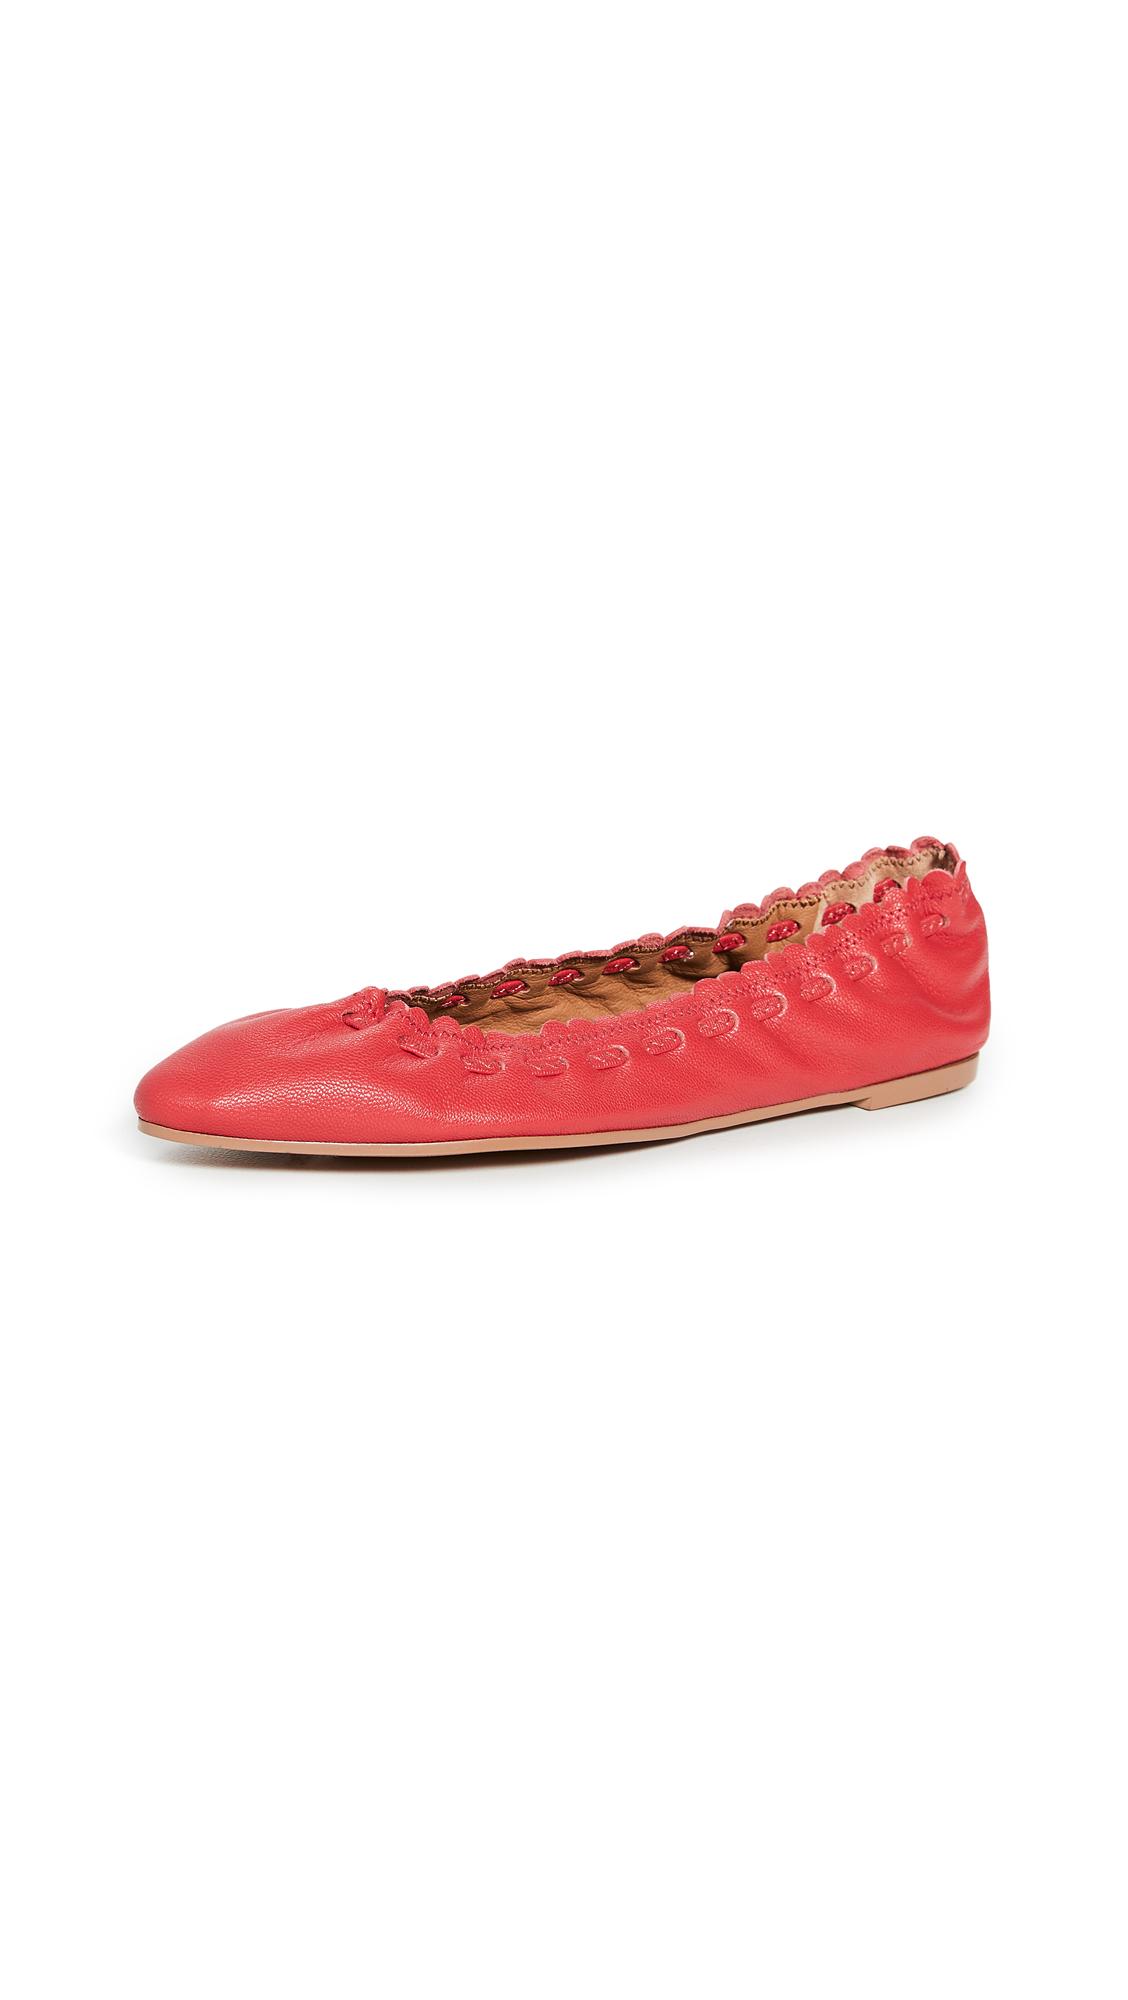 Buy See by Chloe Jane Ballet online, shop See by Chloe